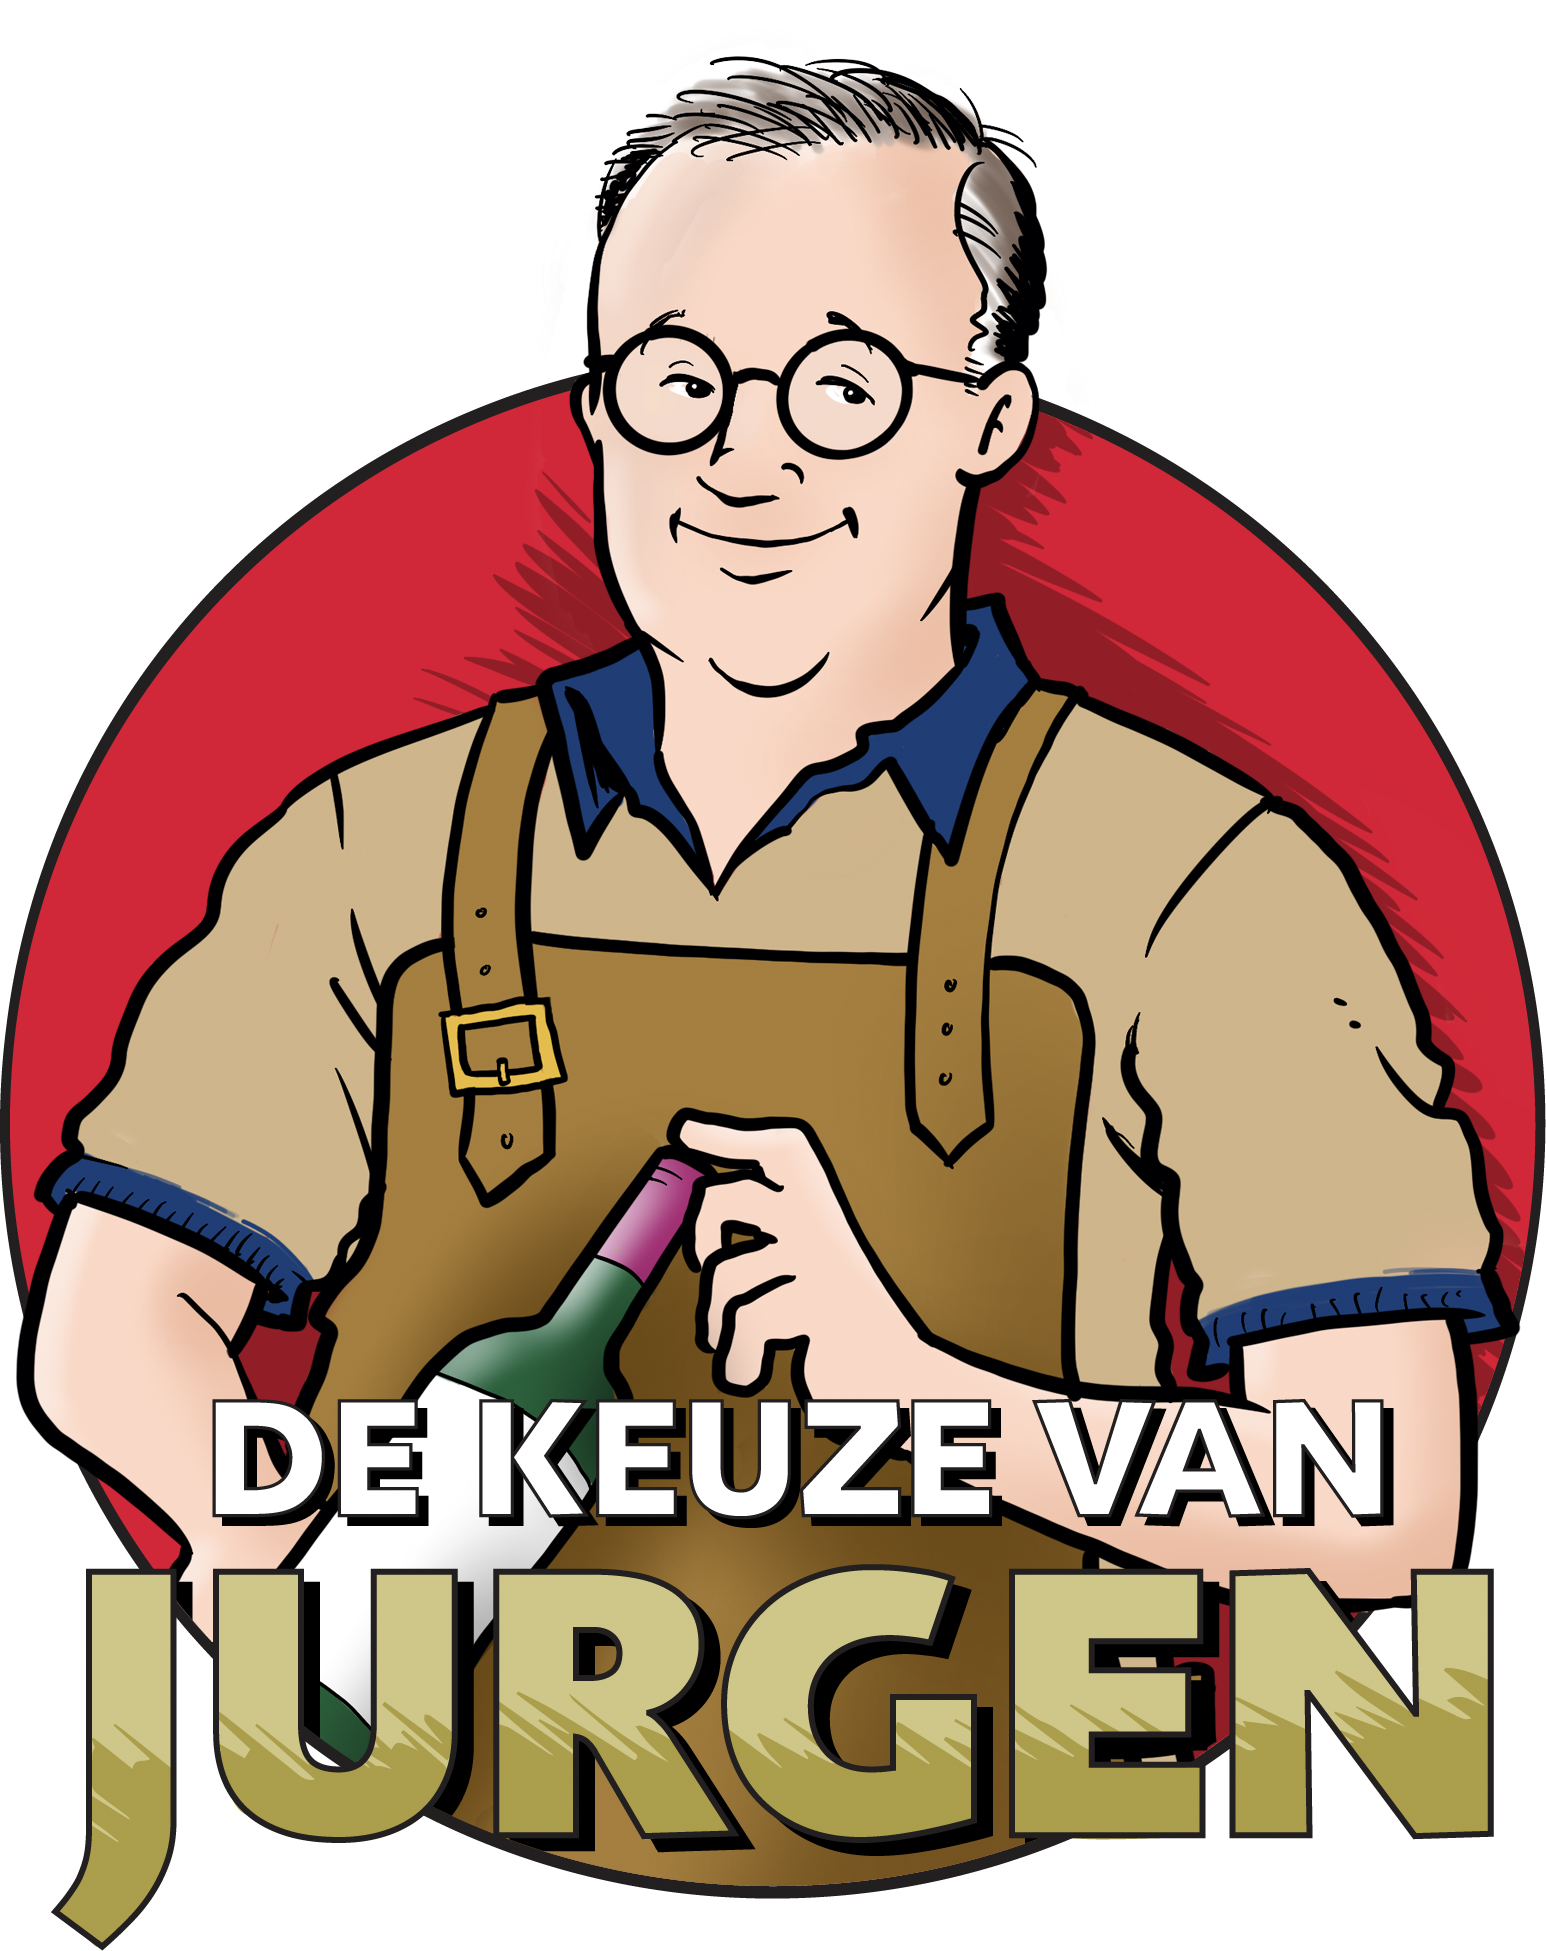 Keuze van Jurgen